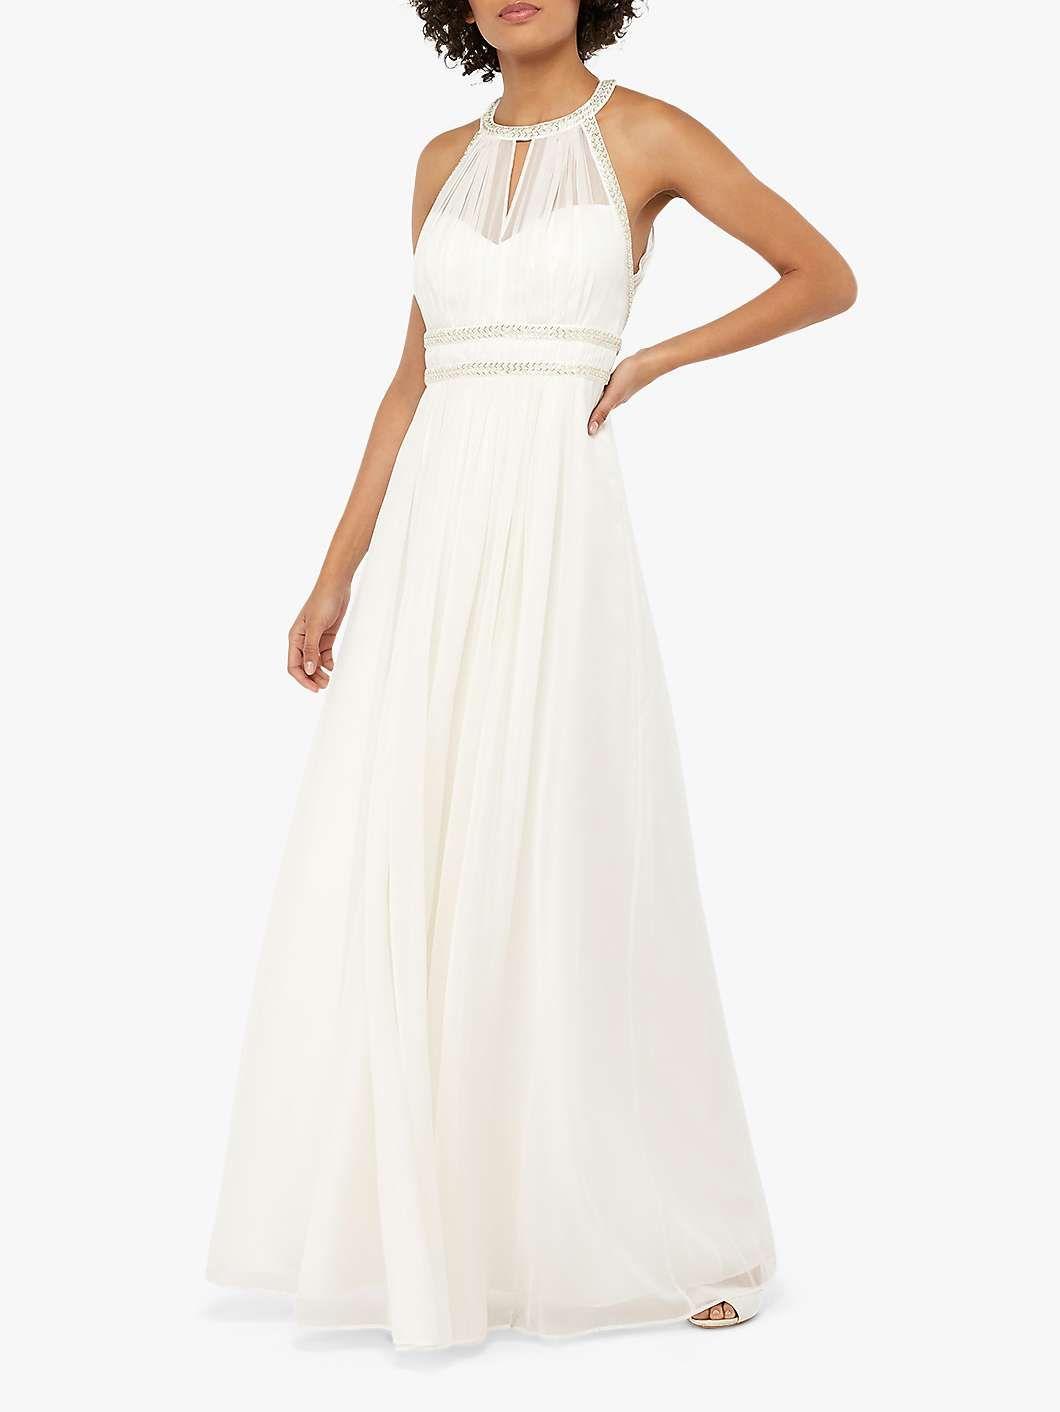 Monsoon Elanor Embellished Grecian Wedding Dress, Ivory #grecianweddingdresses